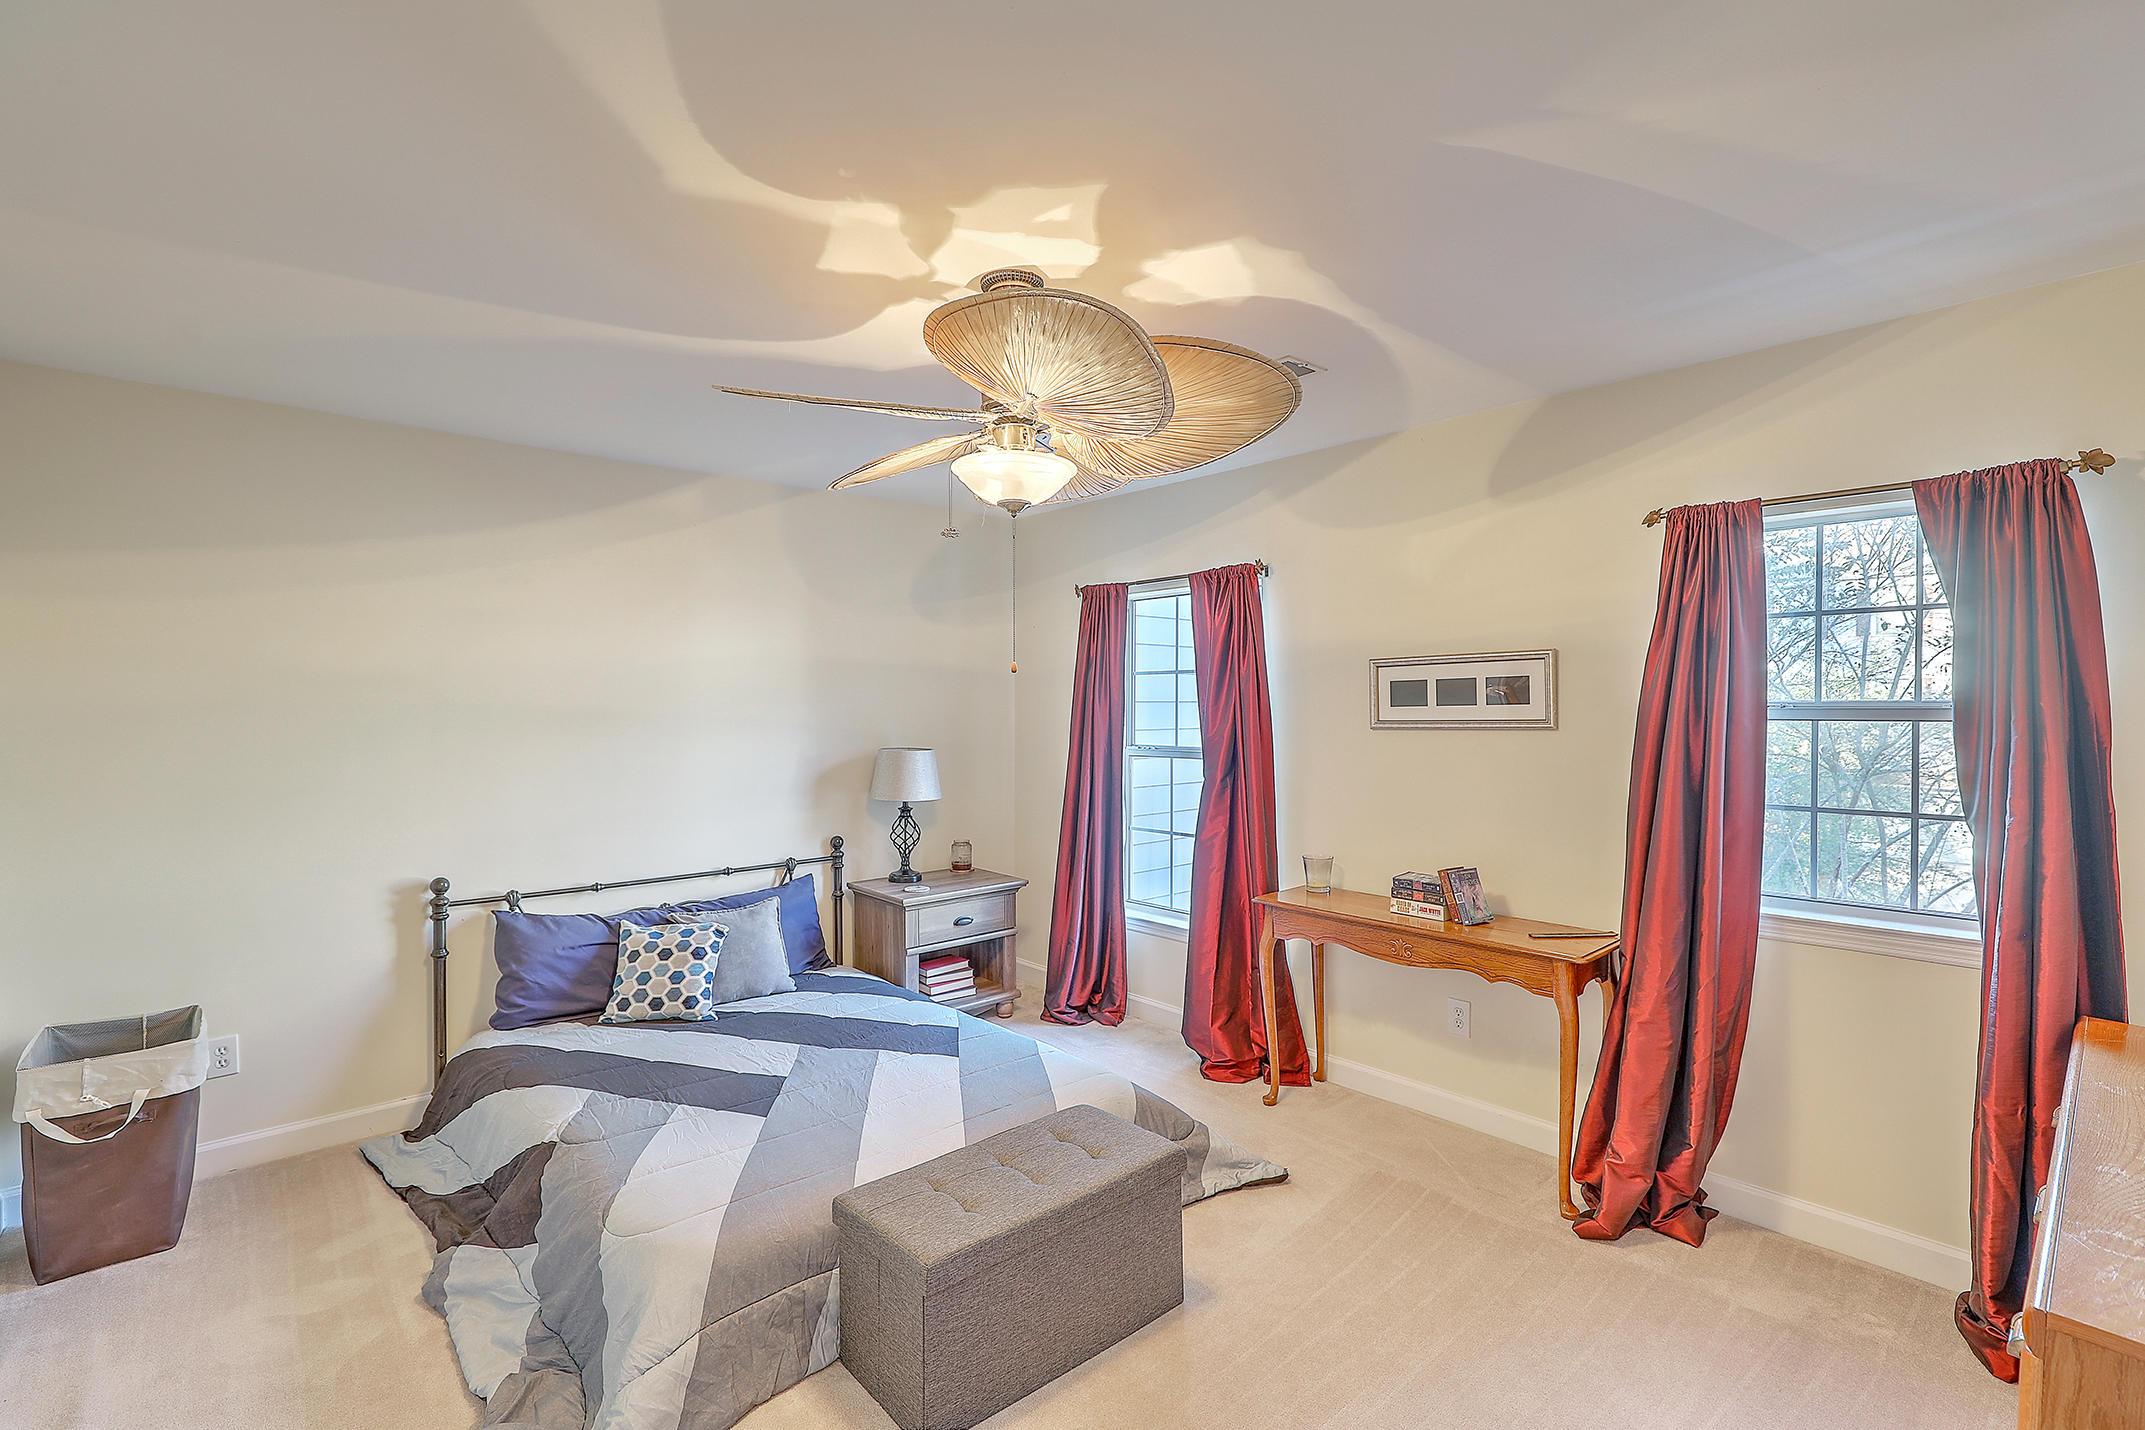 Dunes West Homes For Sale - 163 Fair Sailing, Mount Pleasant, SC - 44